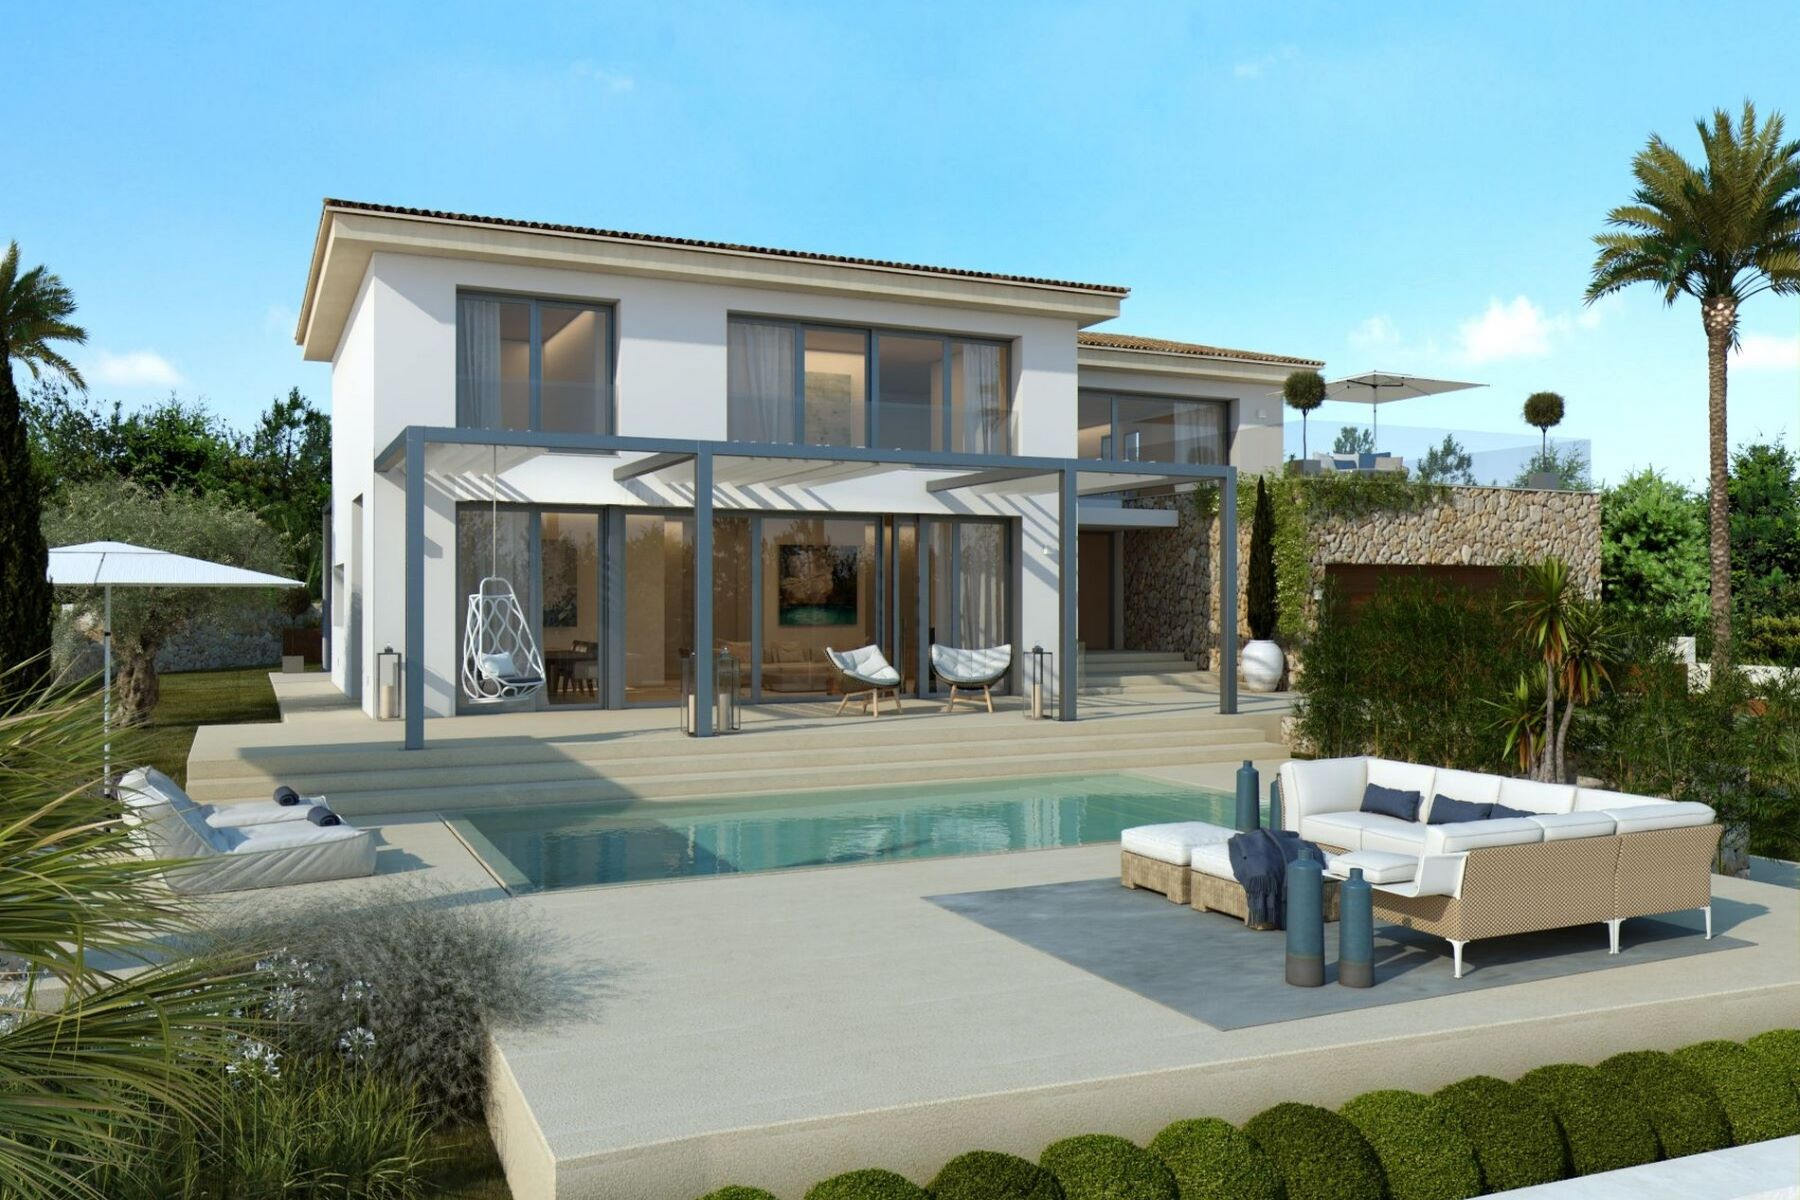 واحد منزل الأسرة للـ Sale في Fantastic villa project in Santa Ponsa Santa Ponsa, Balearic Islands, Spain